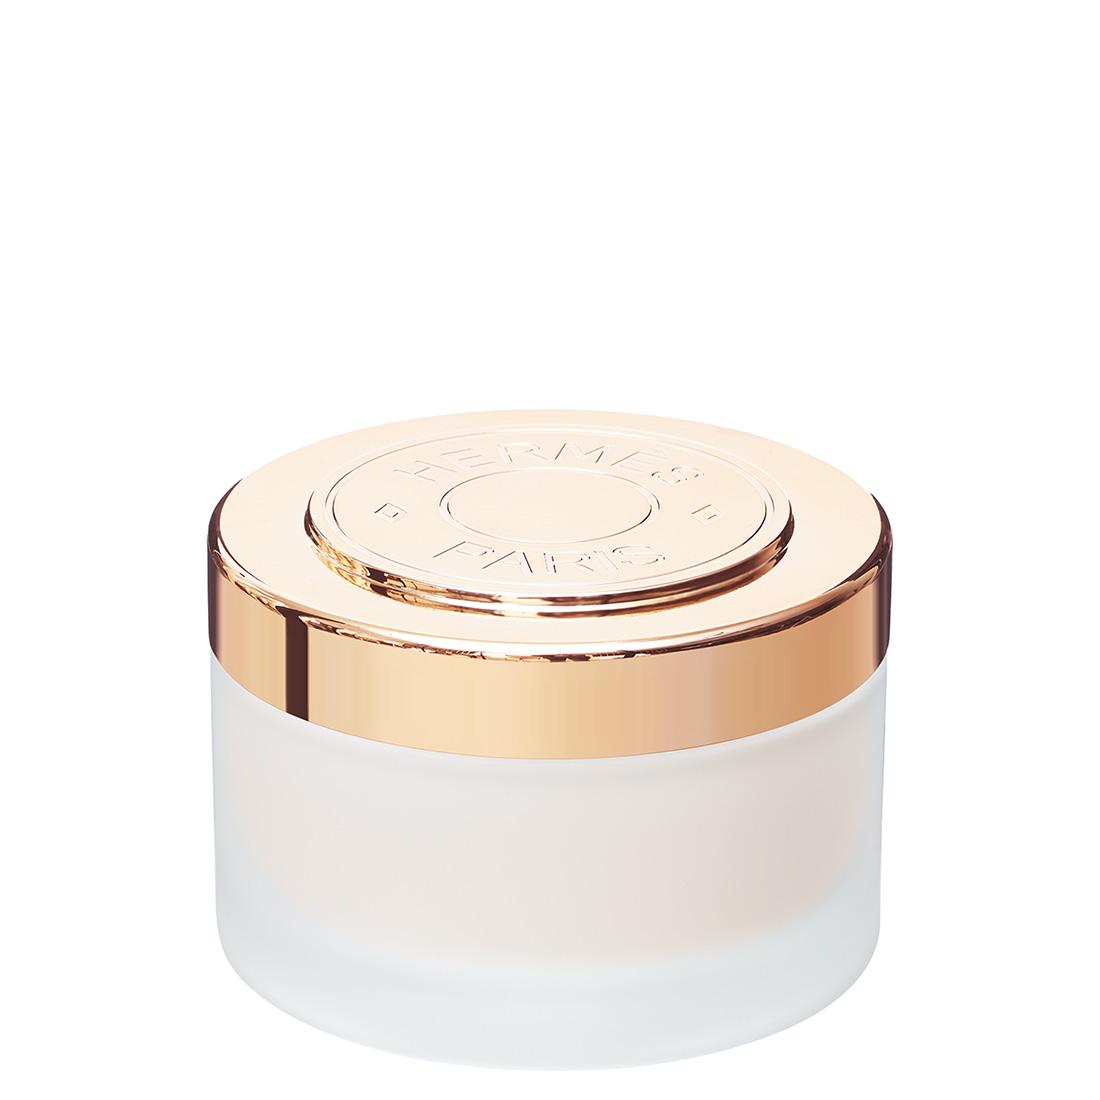 Hermès - Jour d'Hermès - Baume hydratant Parfumé